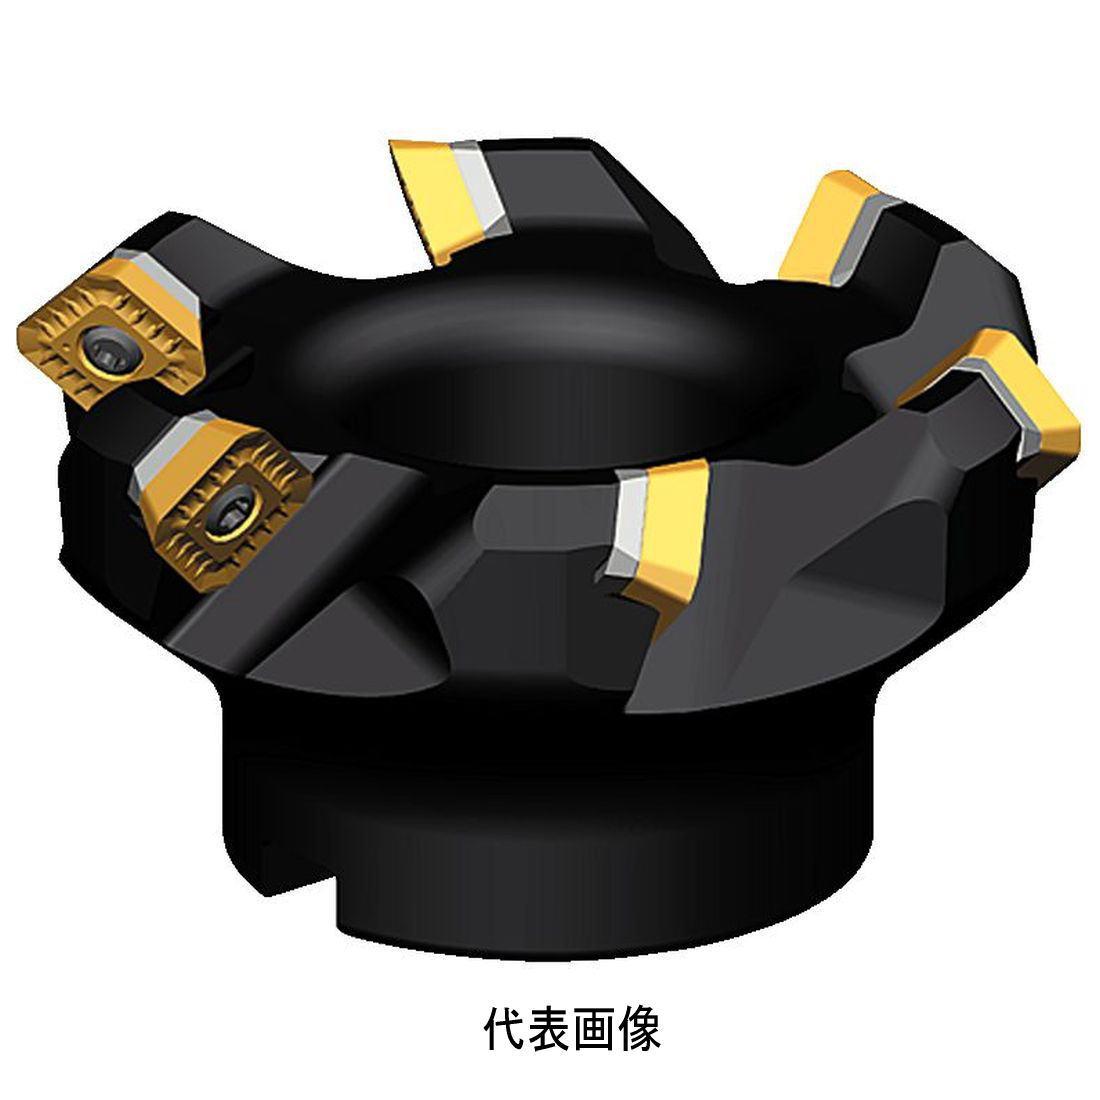 ケナメタルジャパン 50A04RS45SE14EG 全品送料無料 フェイスミーリングカッター KSSM 爆安 45 14MM --